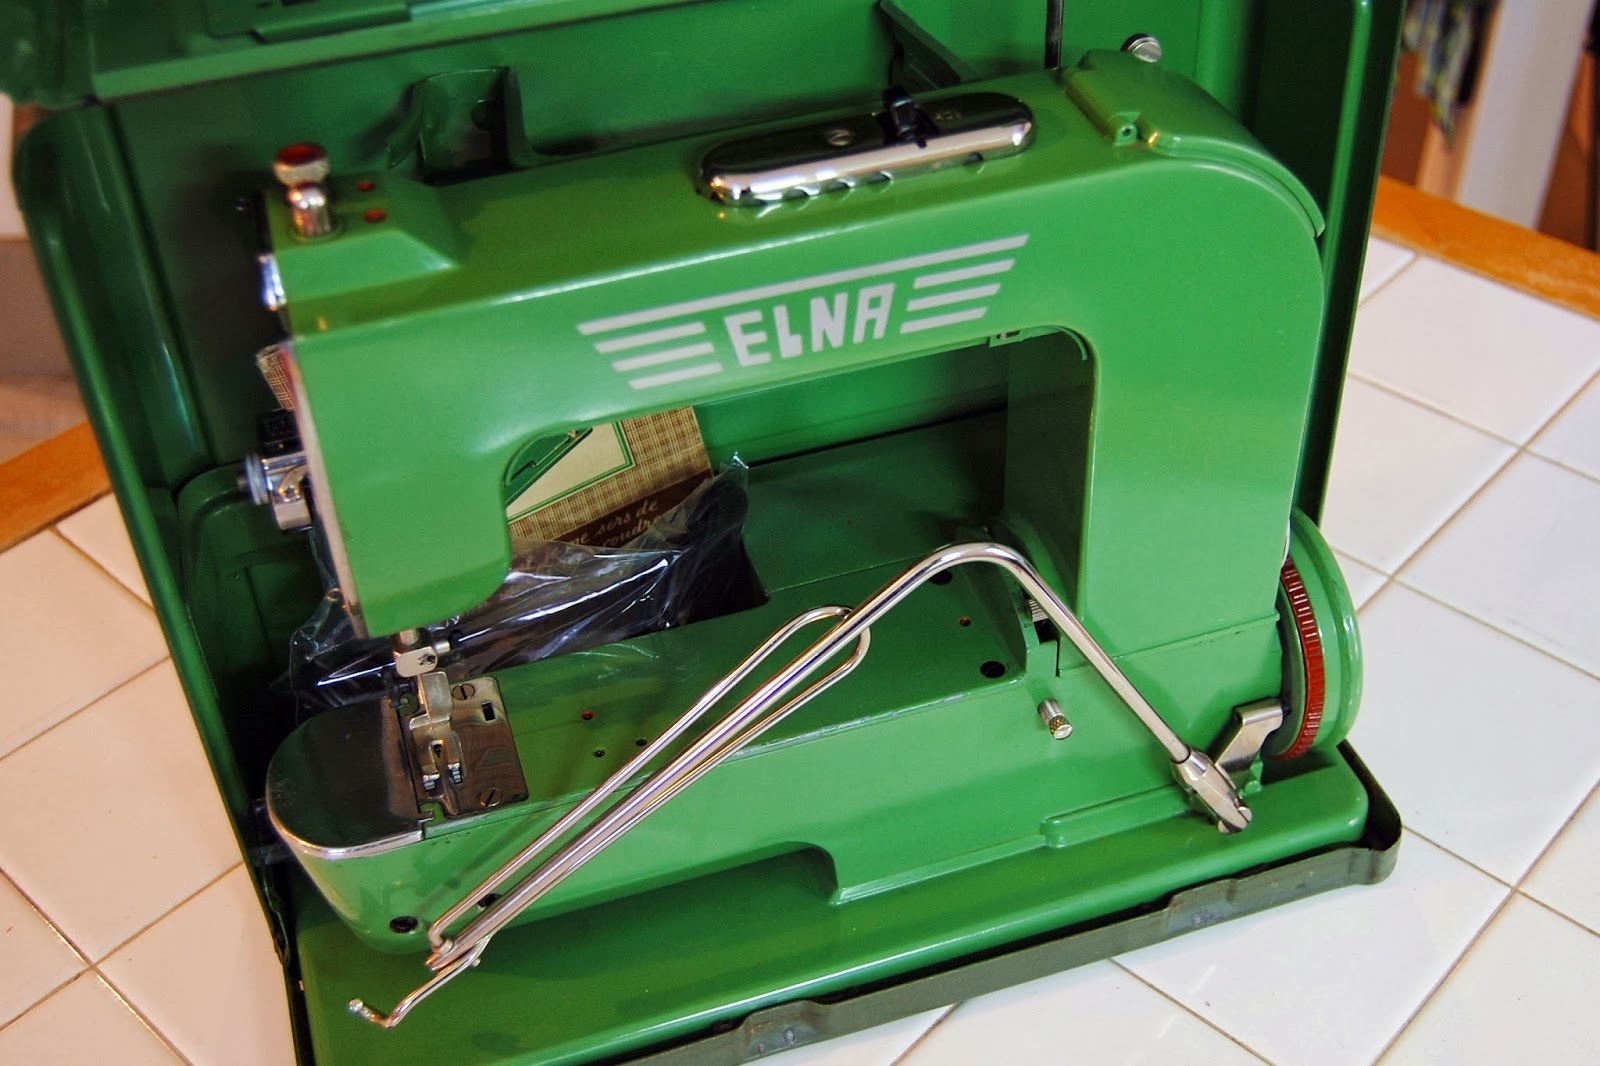 miss sews it all 1950 elna 1 grasshopper rh sewsitall blogspot com elna supermatic sewing machine repair manual elna supermatic sewing machine manual free